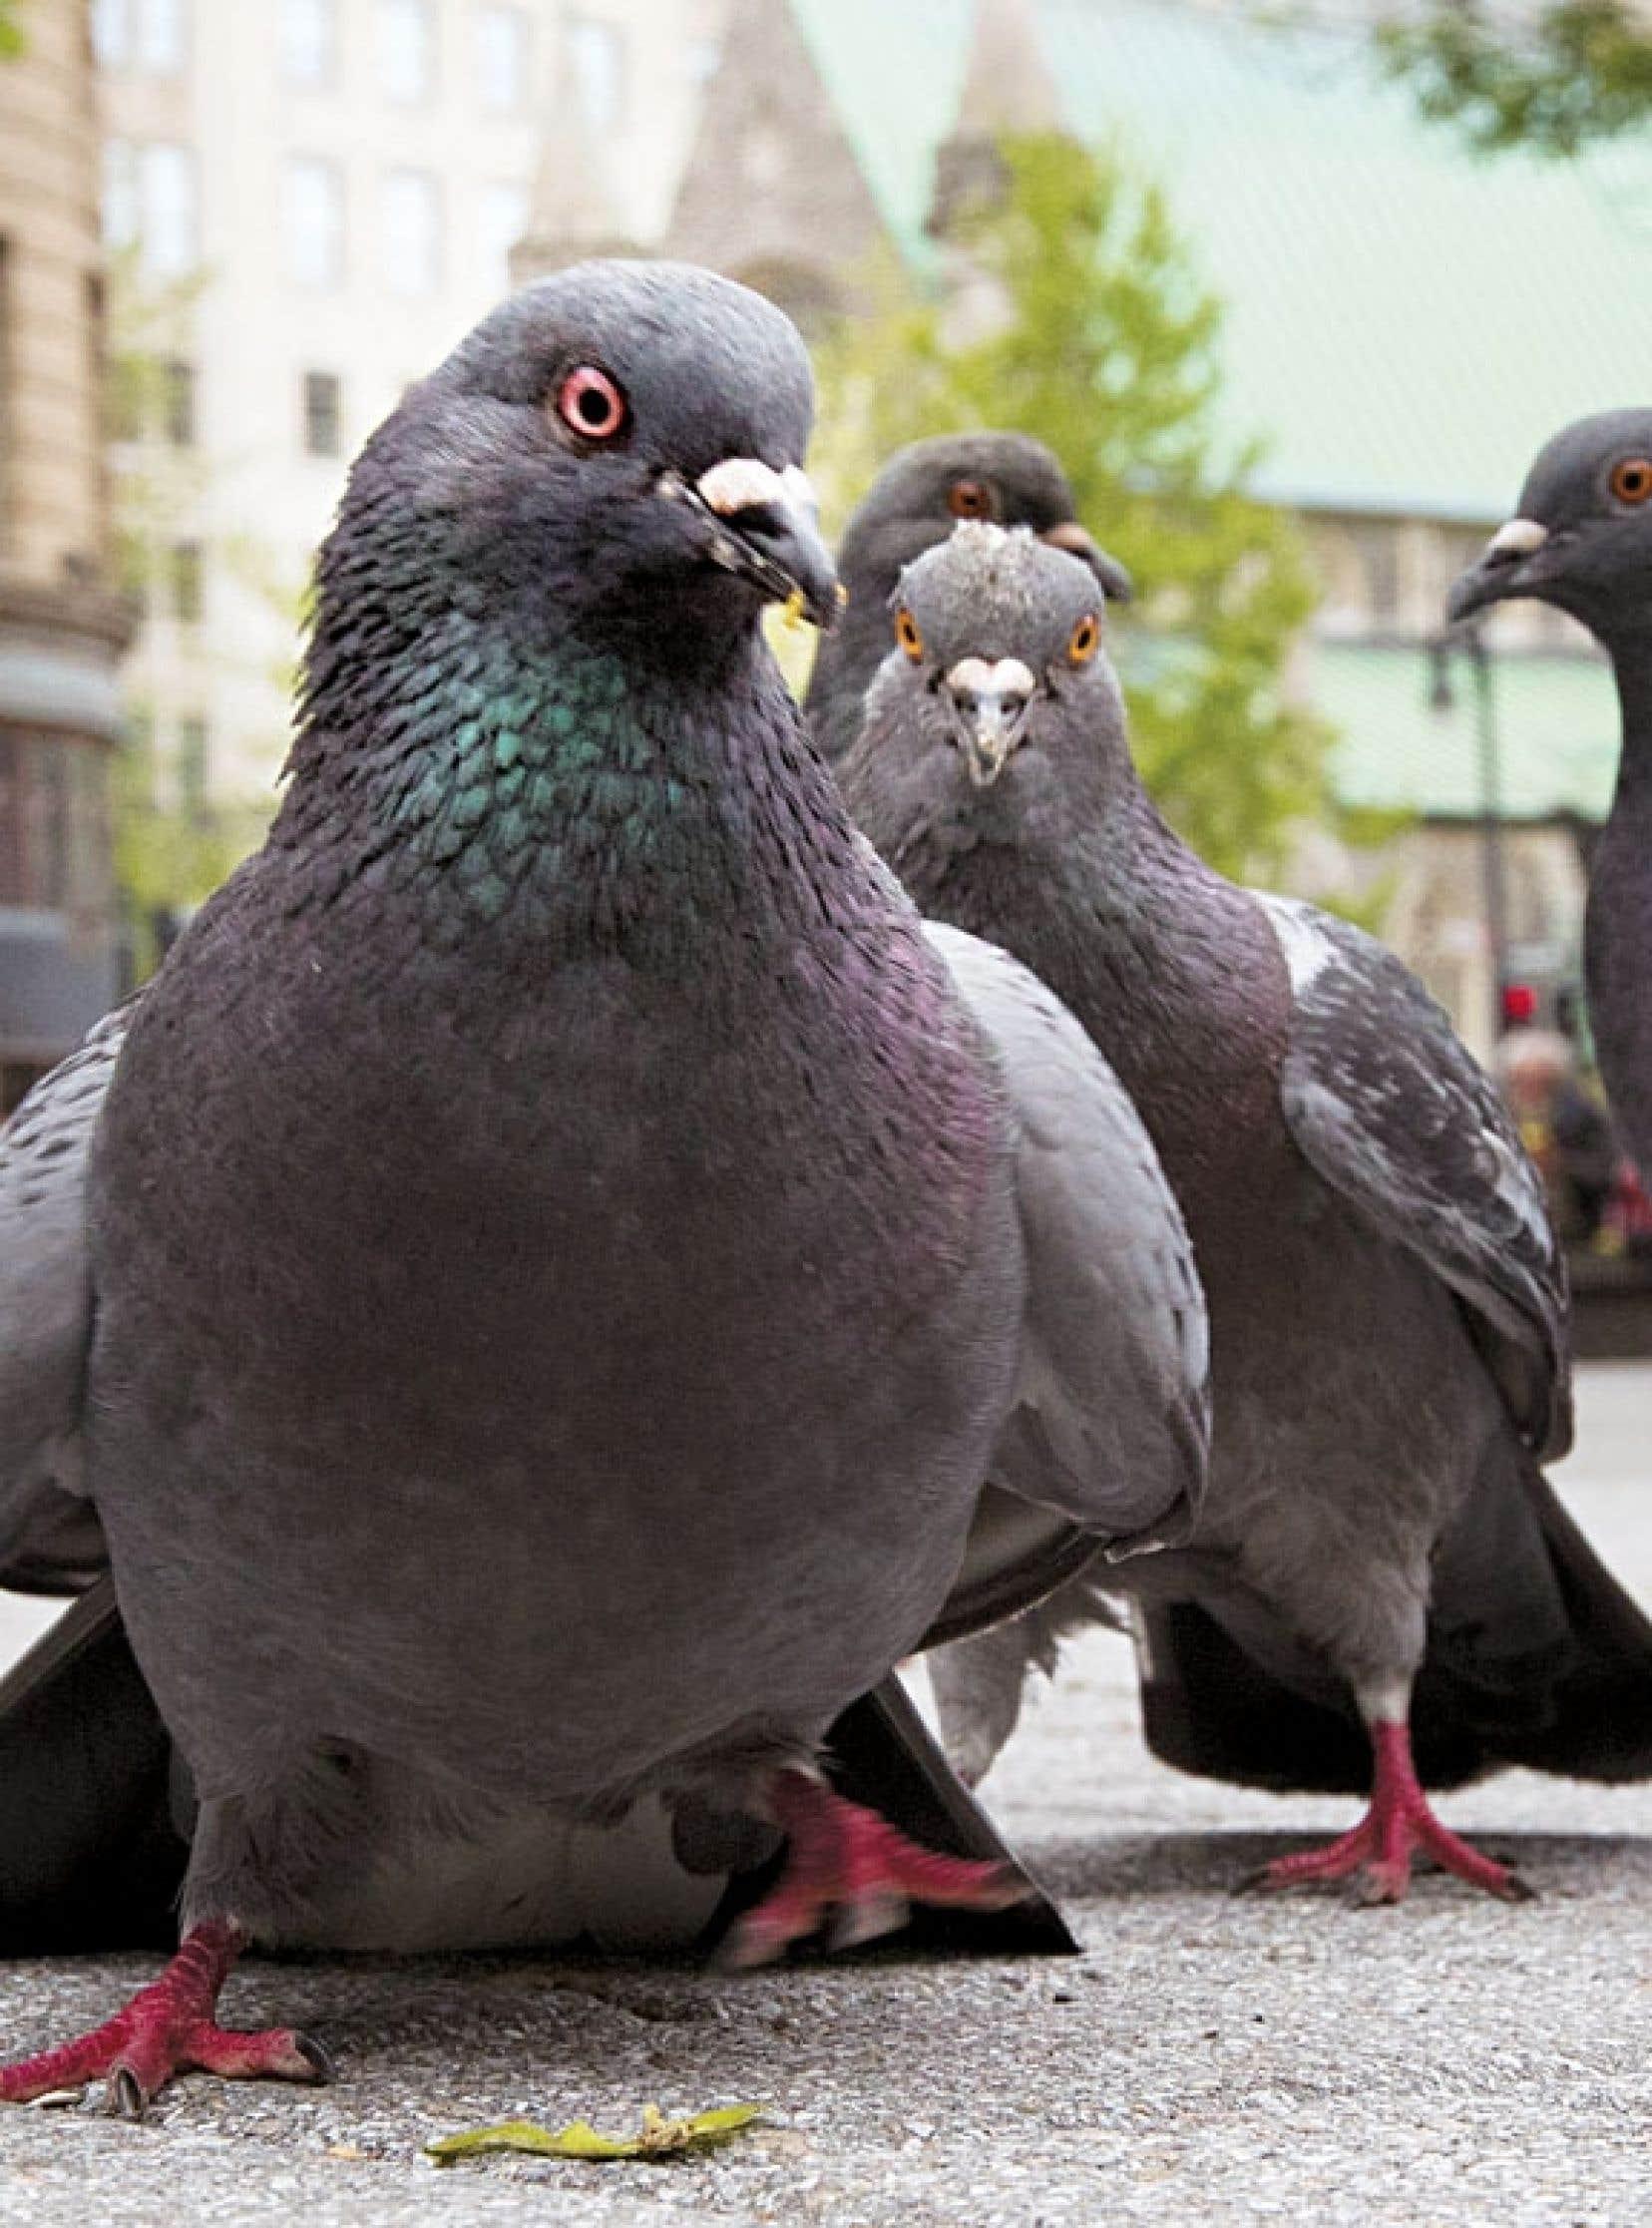 Faut il r habiliter le pigeon biset le devoir - Faire fuir les pigeons ...